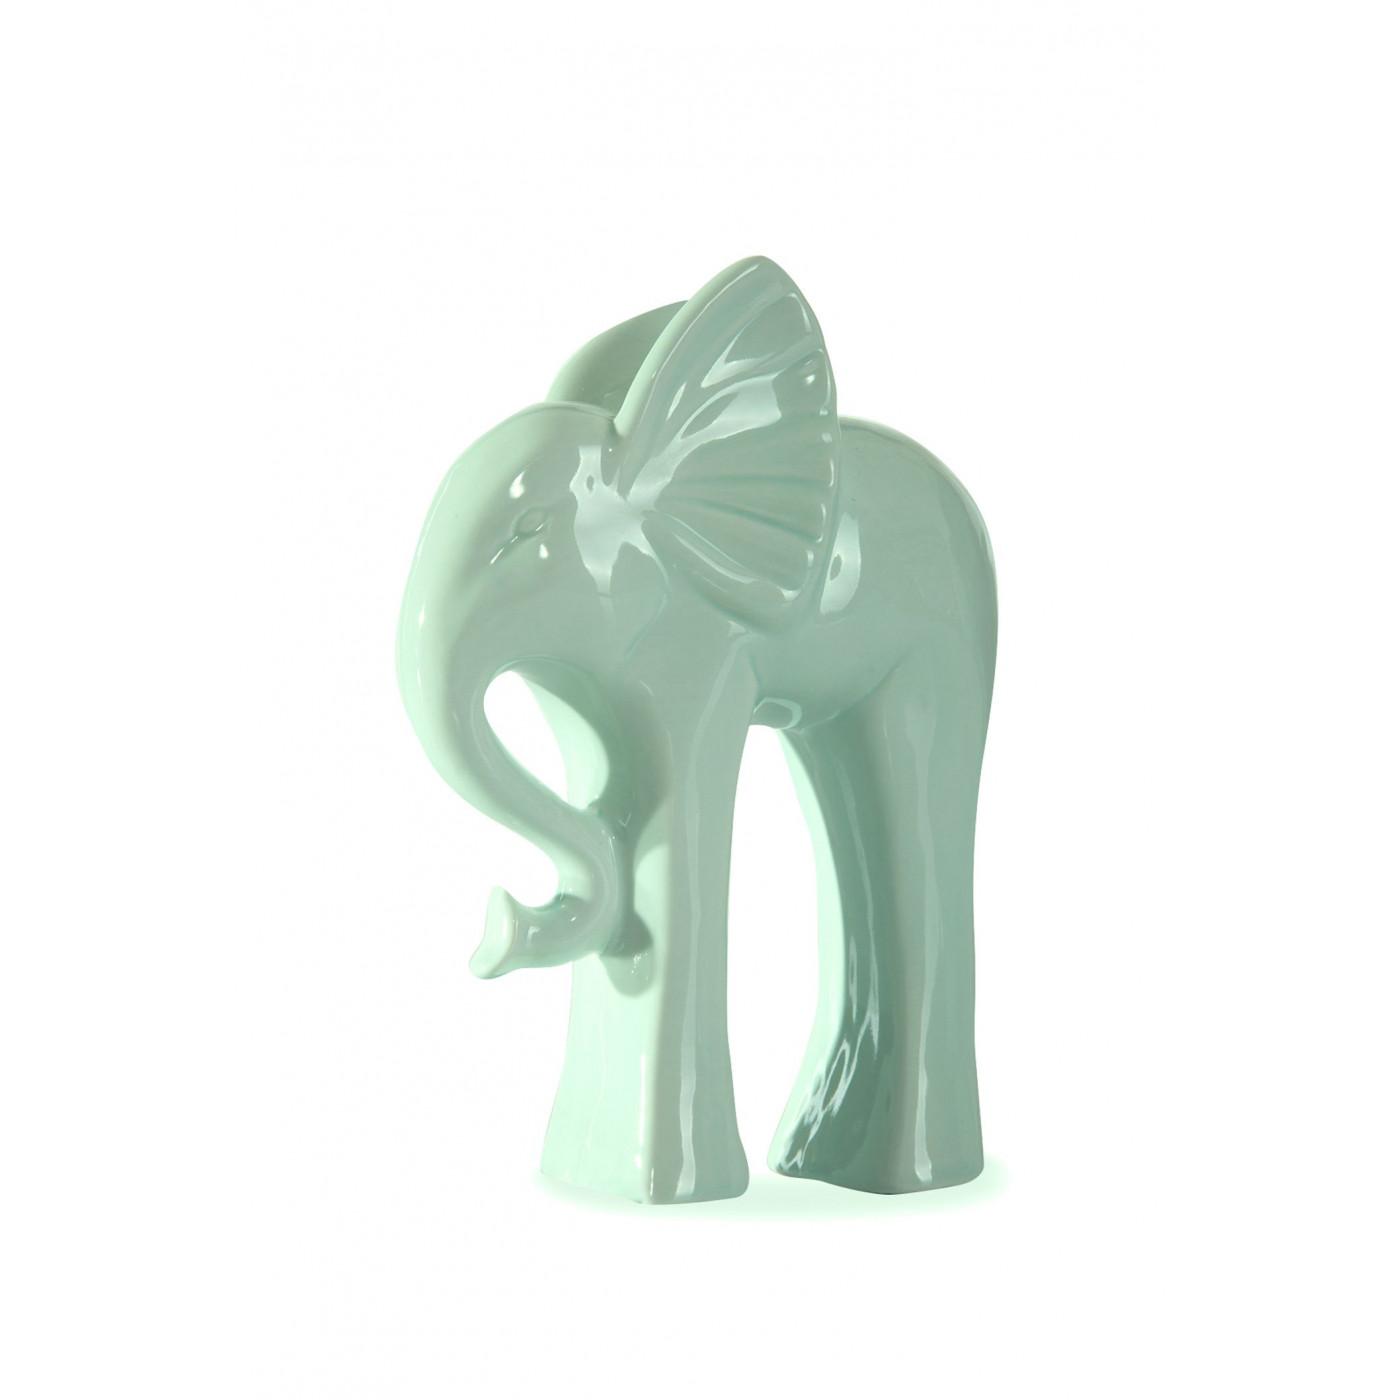 Figurka ceramiczna słoń kolor miętowy 18 cm